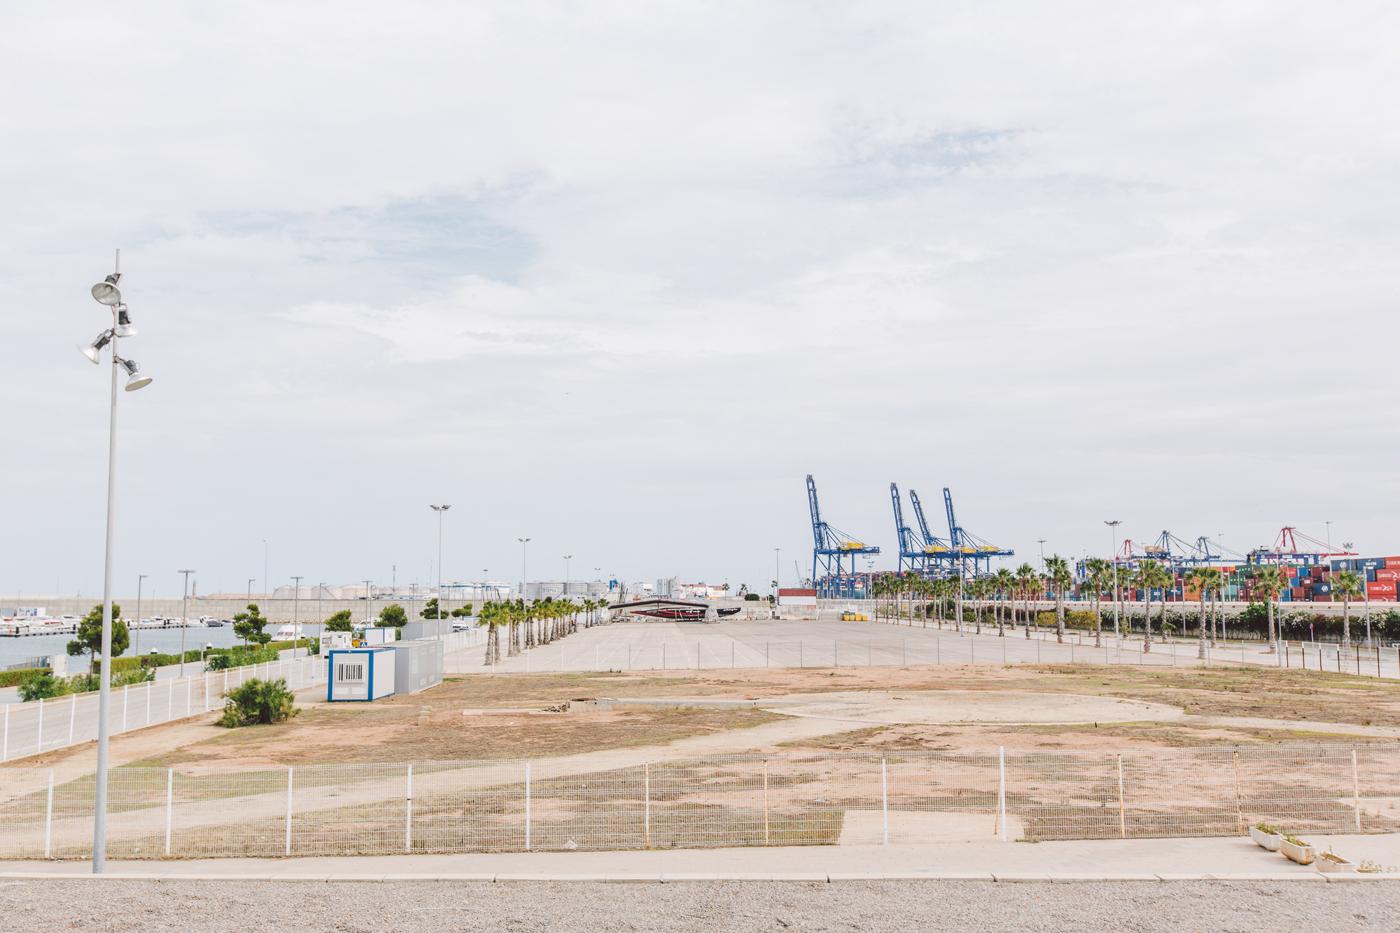 La Marina tendrá un nuevo recinto de conciertos musicales permanente